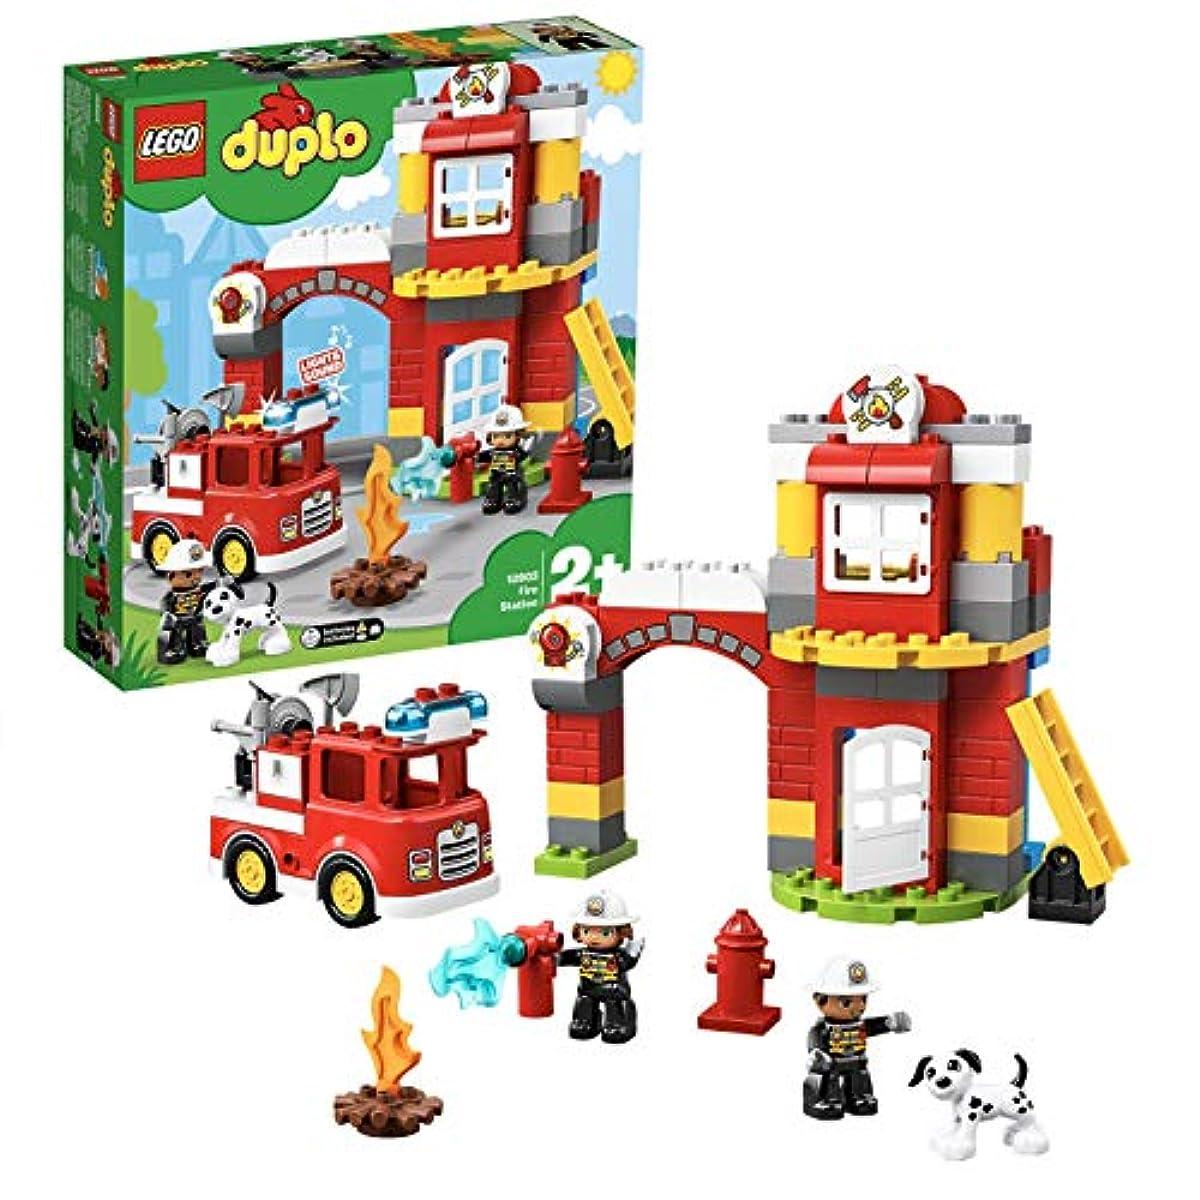 [해외] 레고(LEGO) 듀플로 빛난! 울린! 소방차와 소방서 10903 교육 완구 블럭 장난감 사내 아이